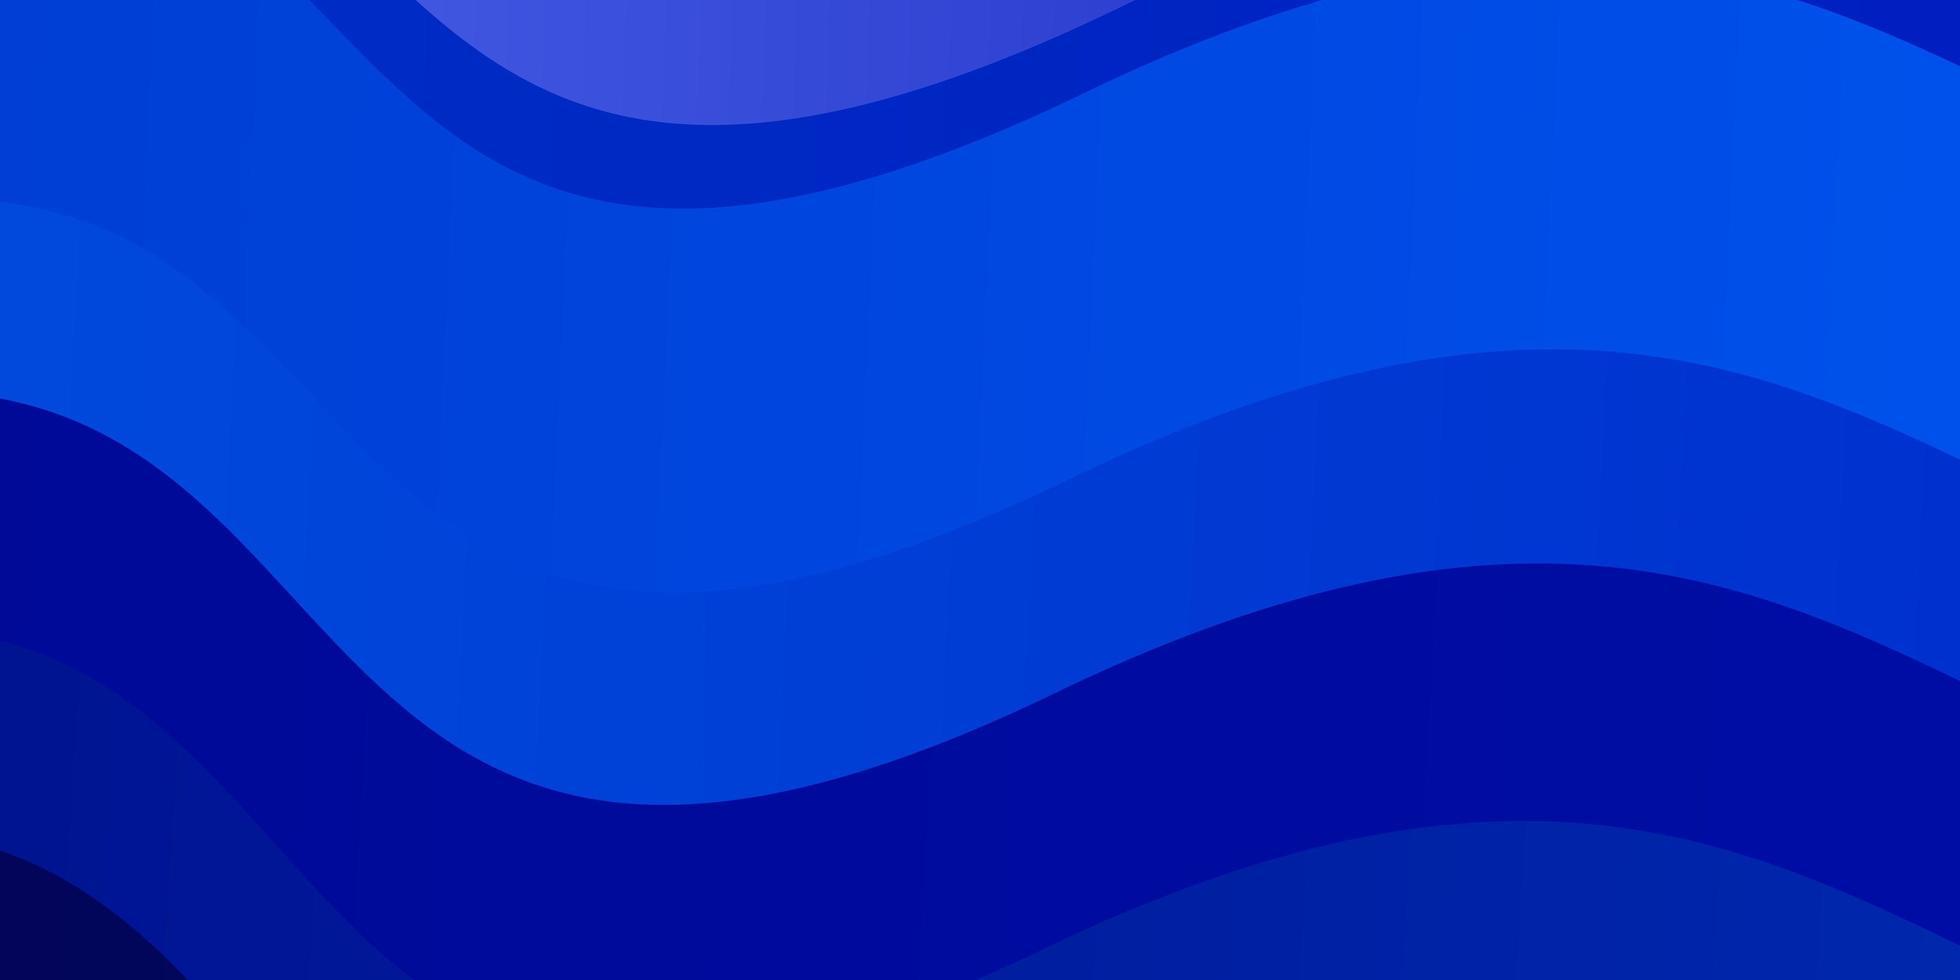 modelo de vetor azul claro com curvas.